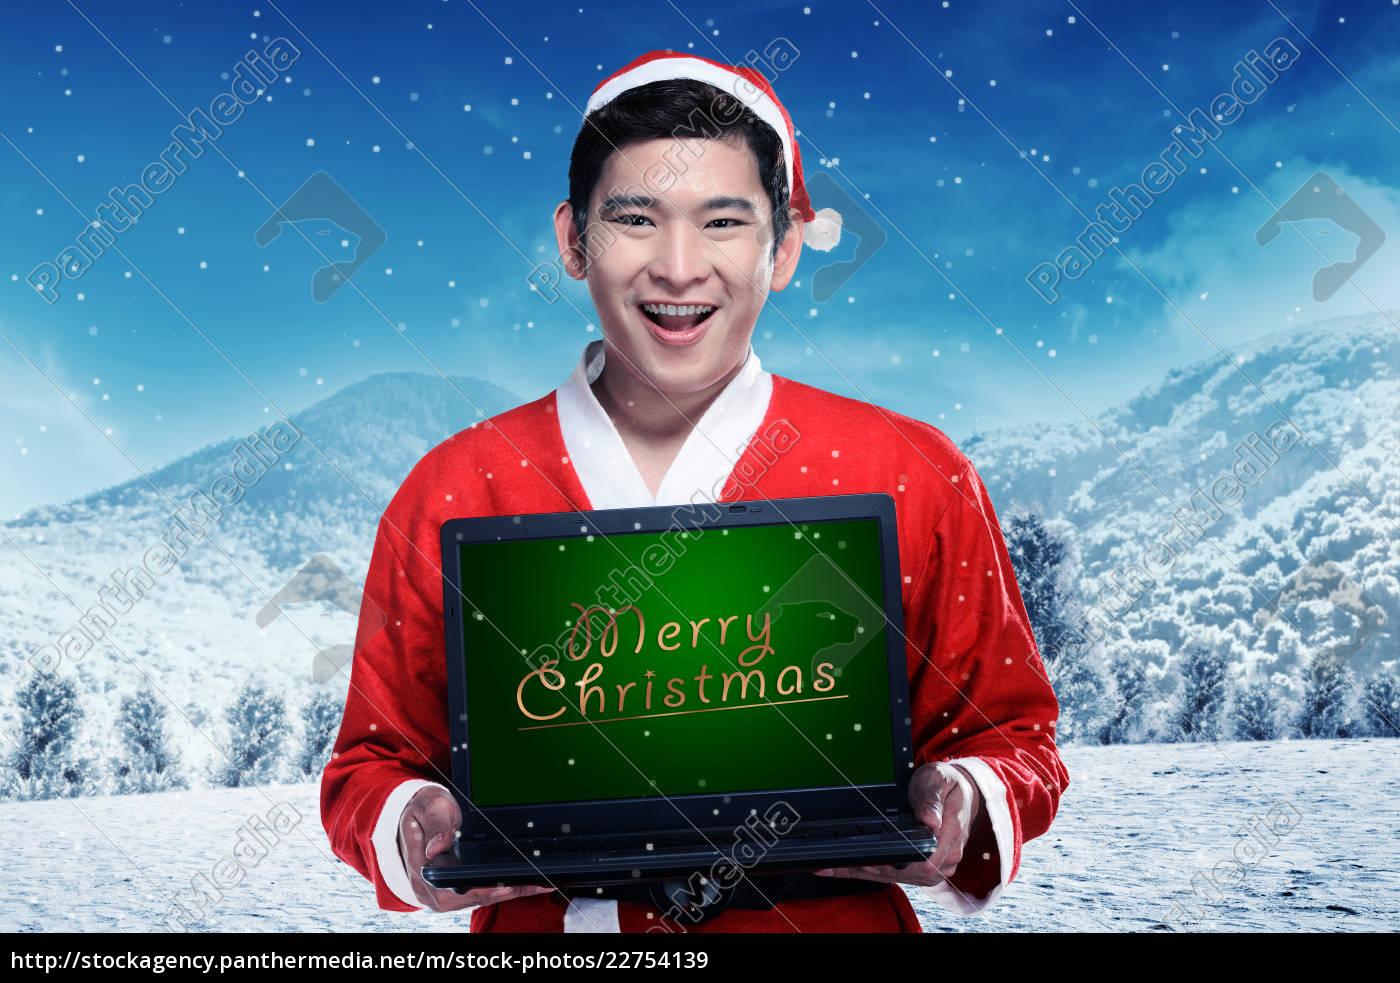 asian, man, in, santa, claus, costume - 22754139